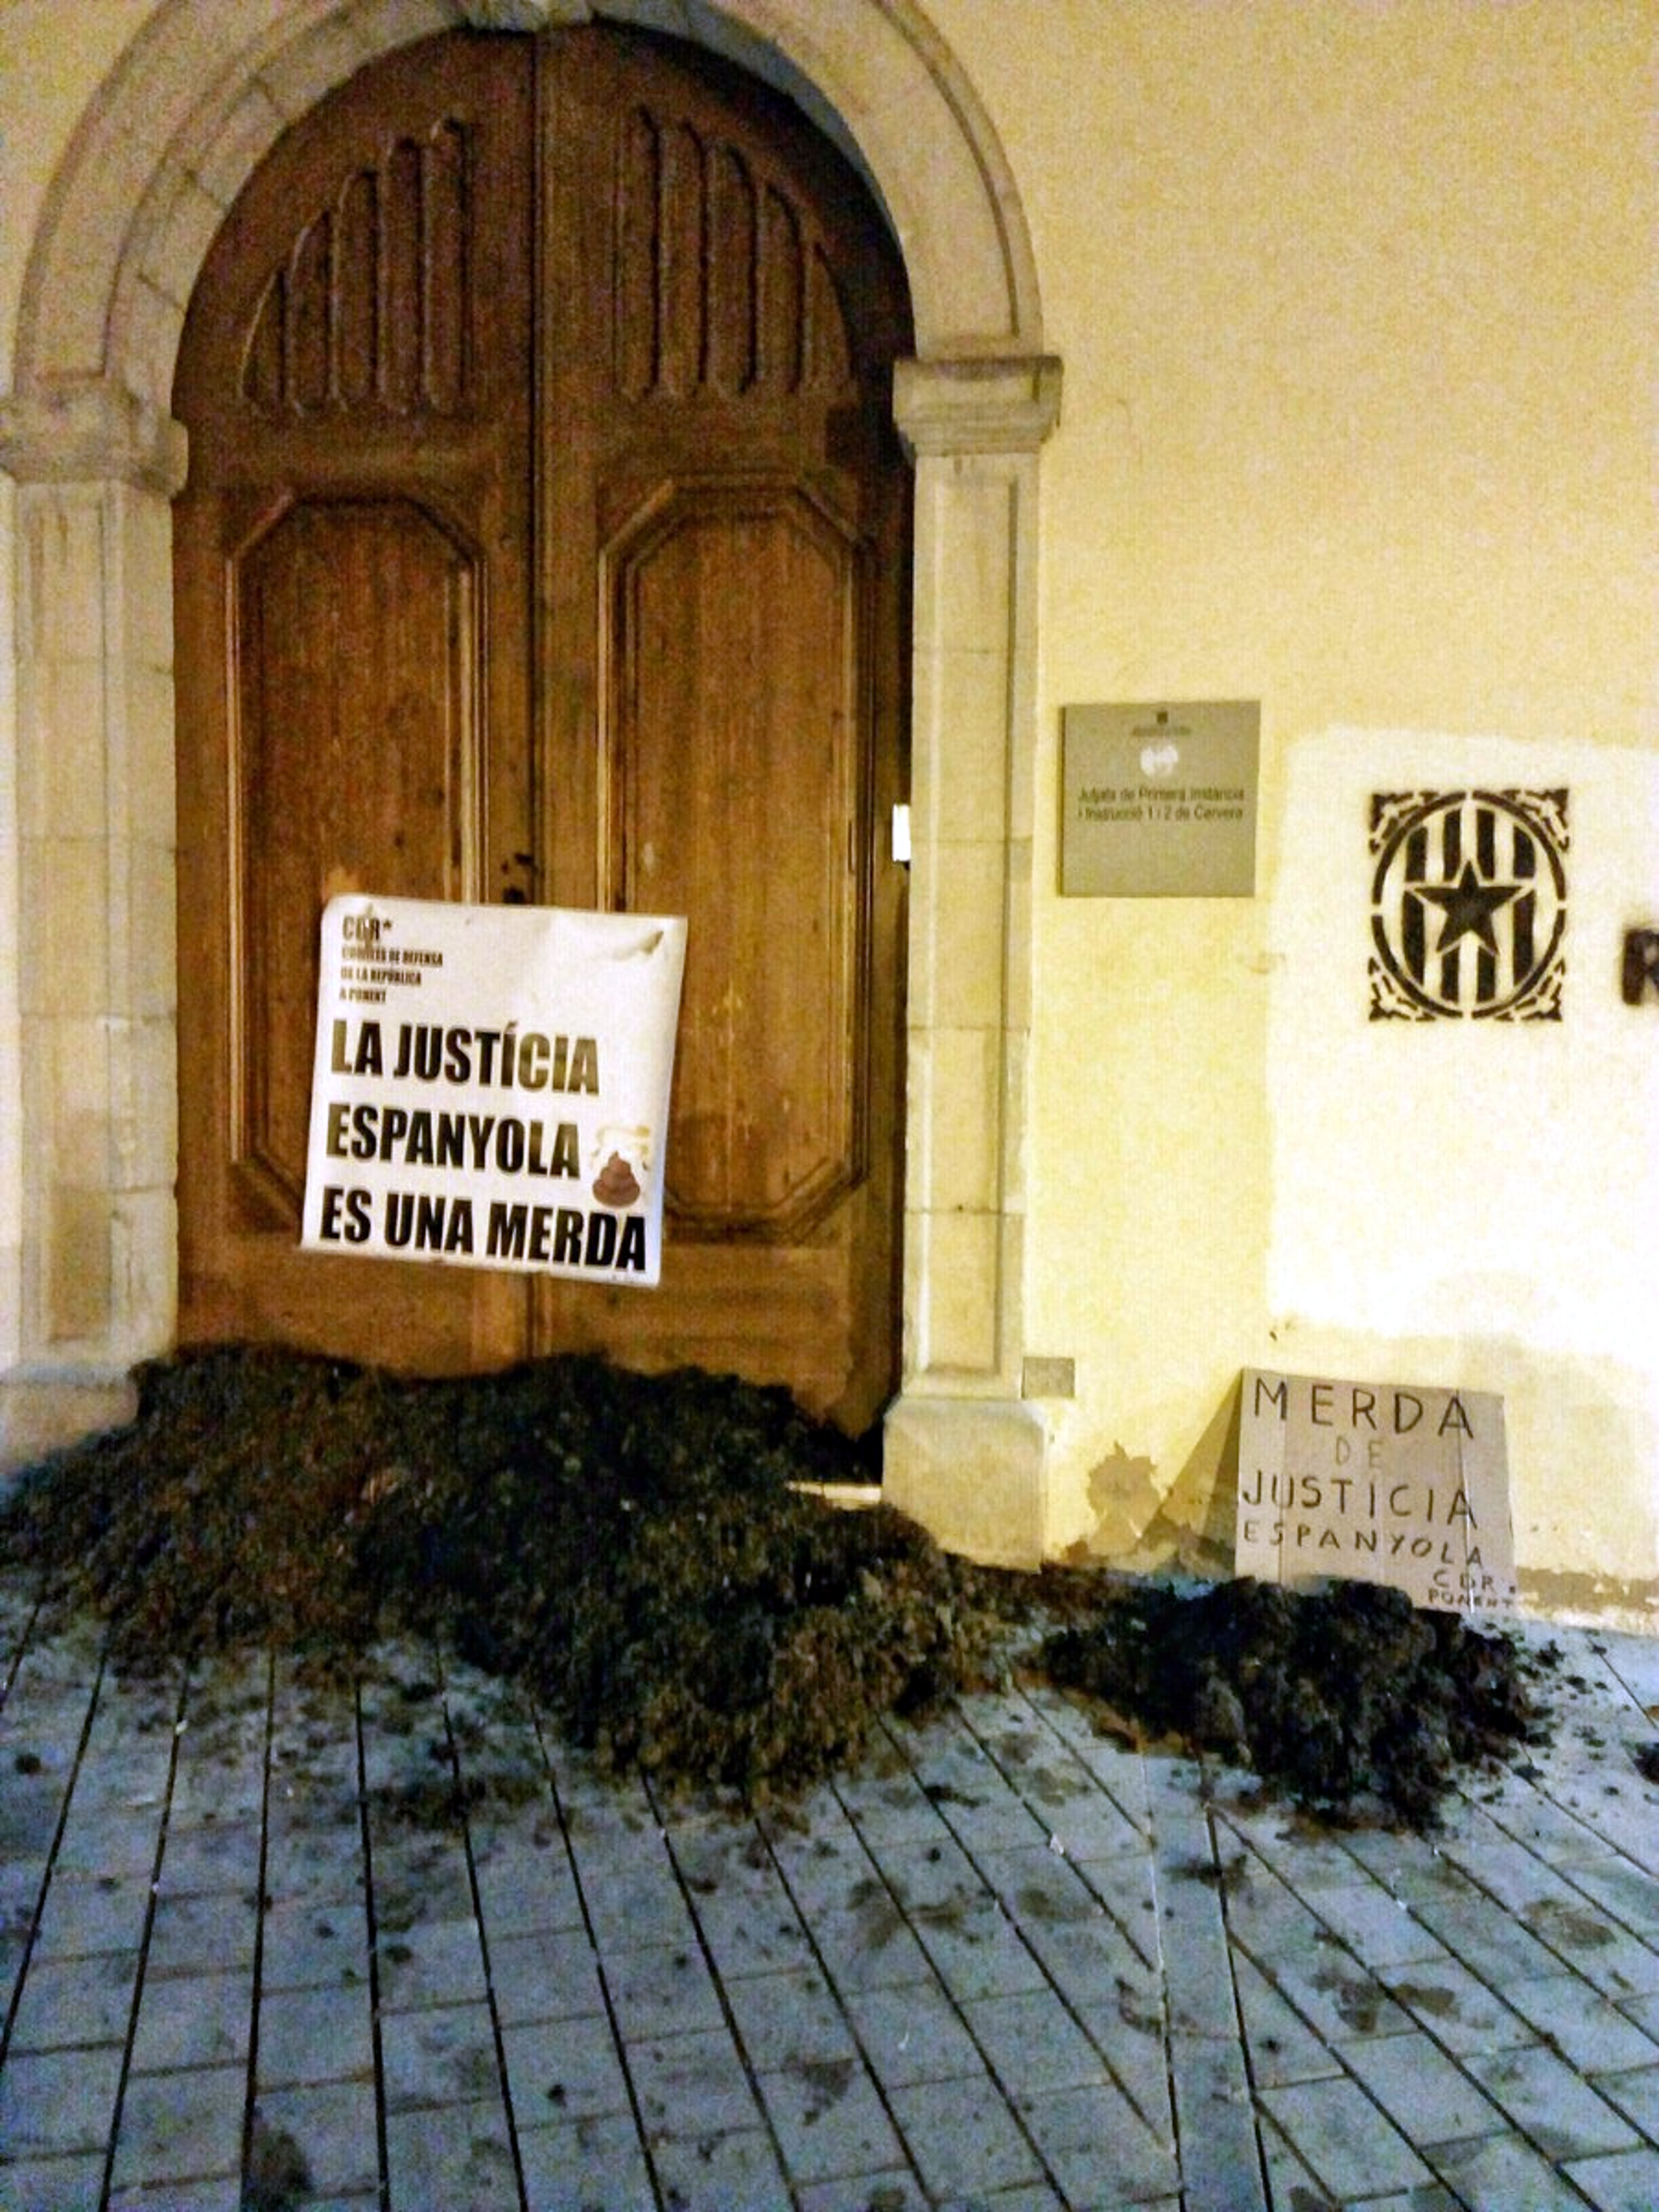 Els CDR tornen a abocar escombraries i fems a les portes dels jutjats, en aquest cas a Lleida, Cervera i Balaguer